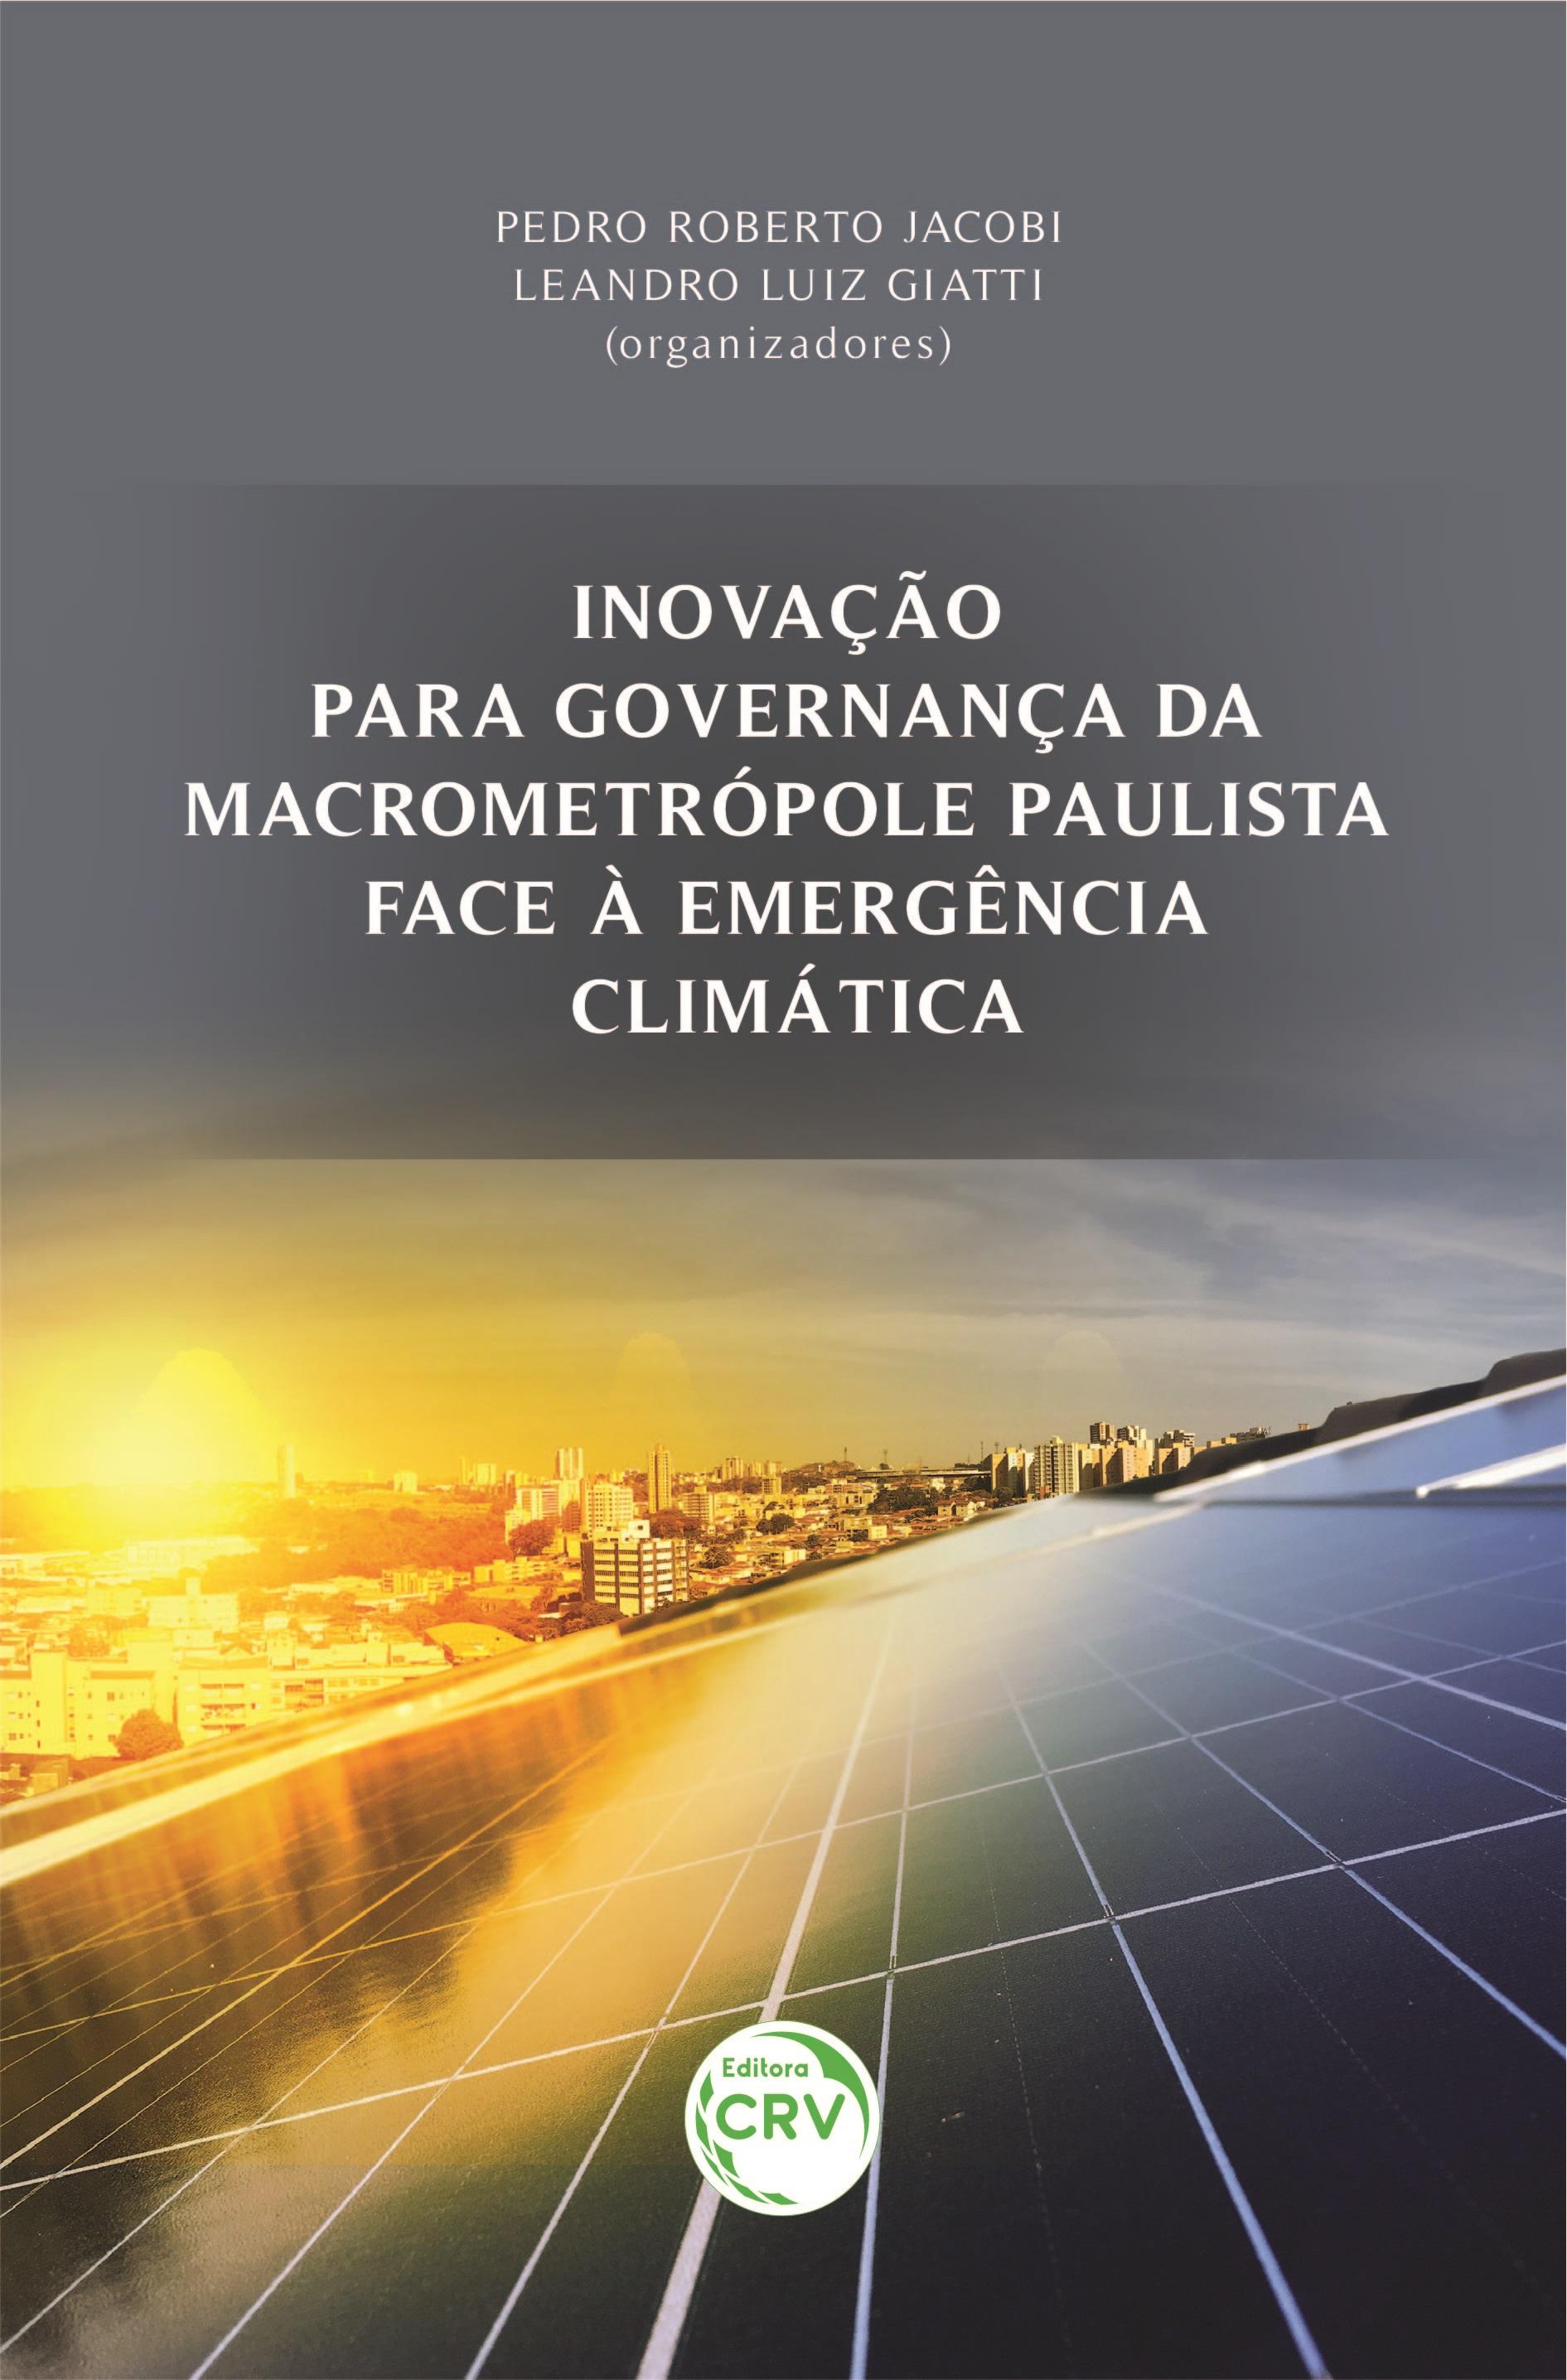 Capa do livro: INOVAÇÃO PARA GOVERNANÇA DA MACROMETRÓPOLE PAULISTA FACE À EMERGÊNCIA CLIMÁTICA